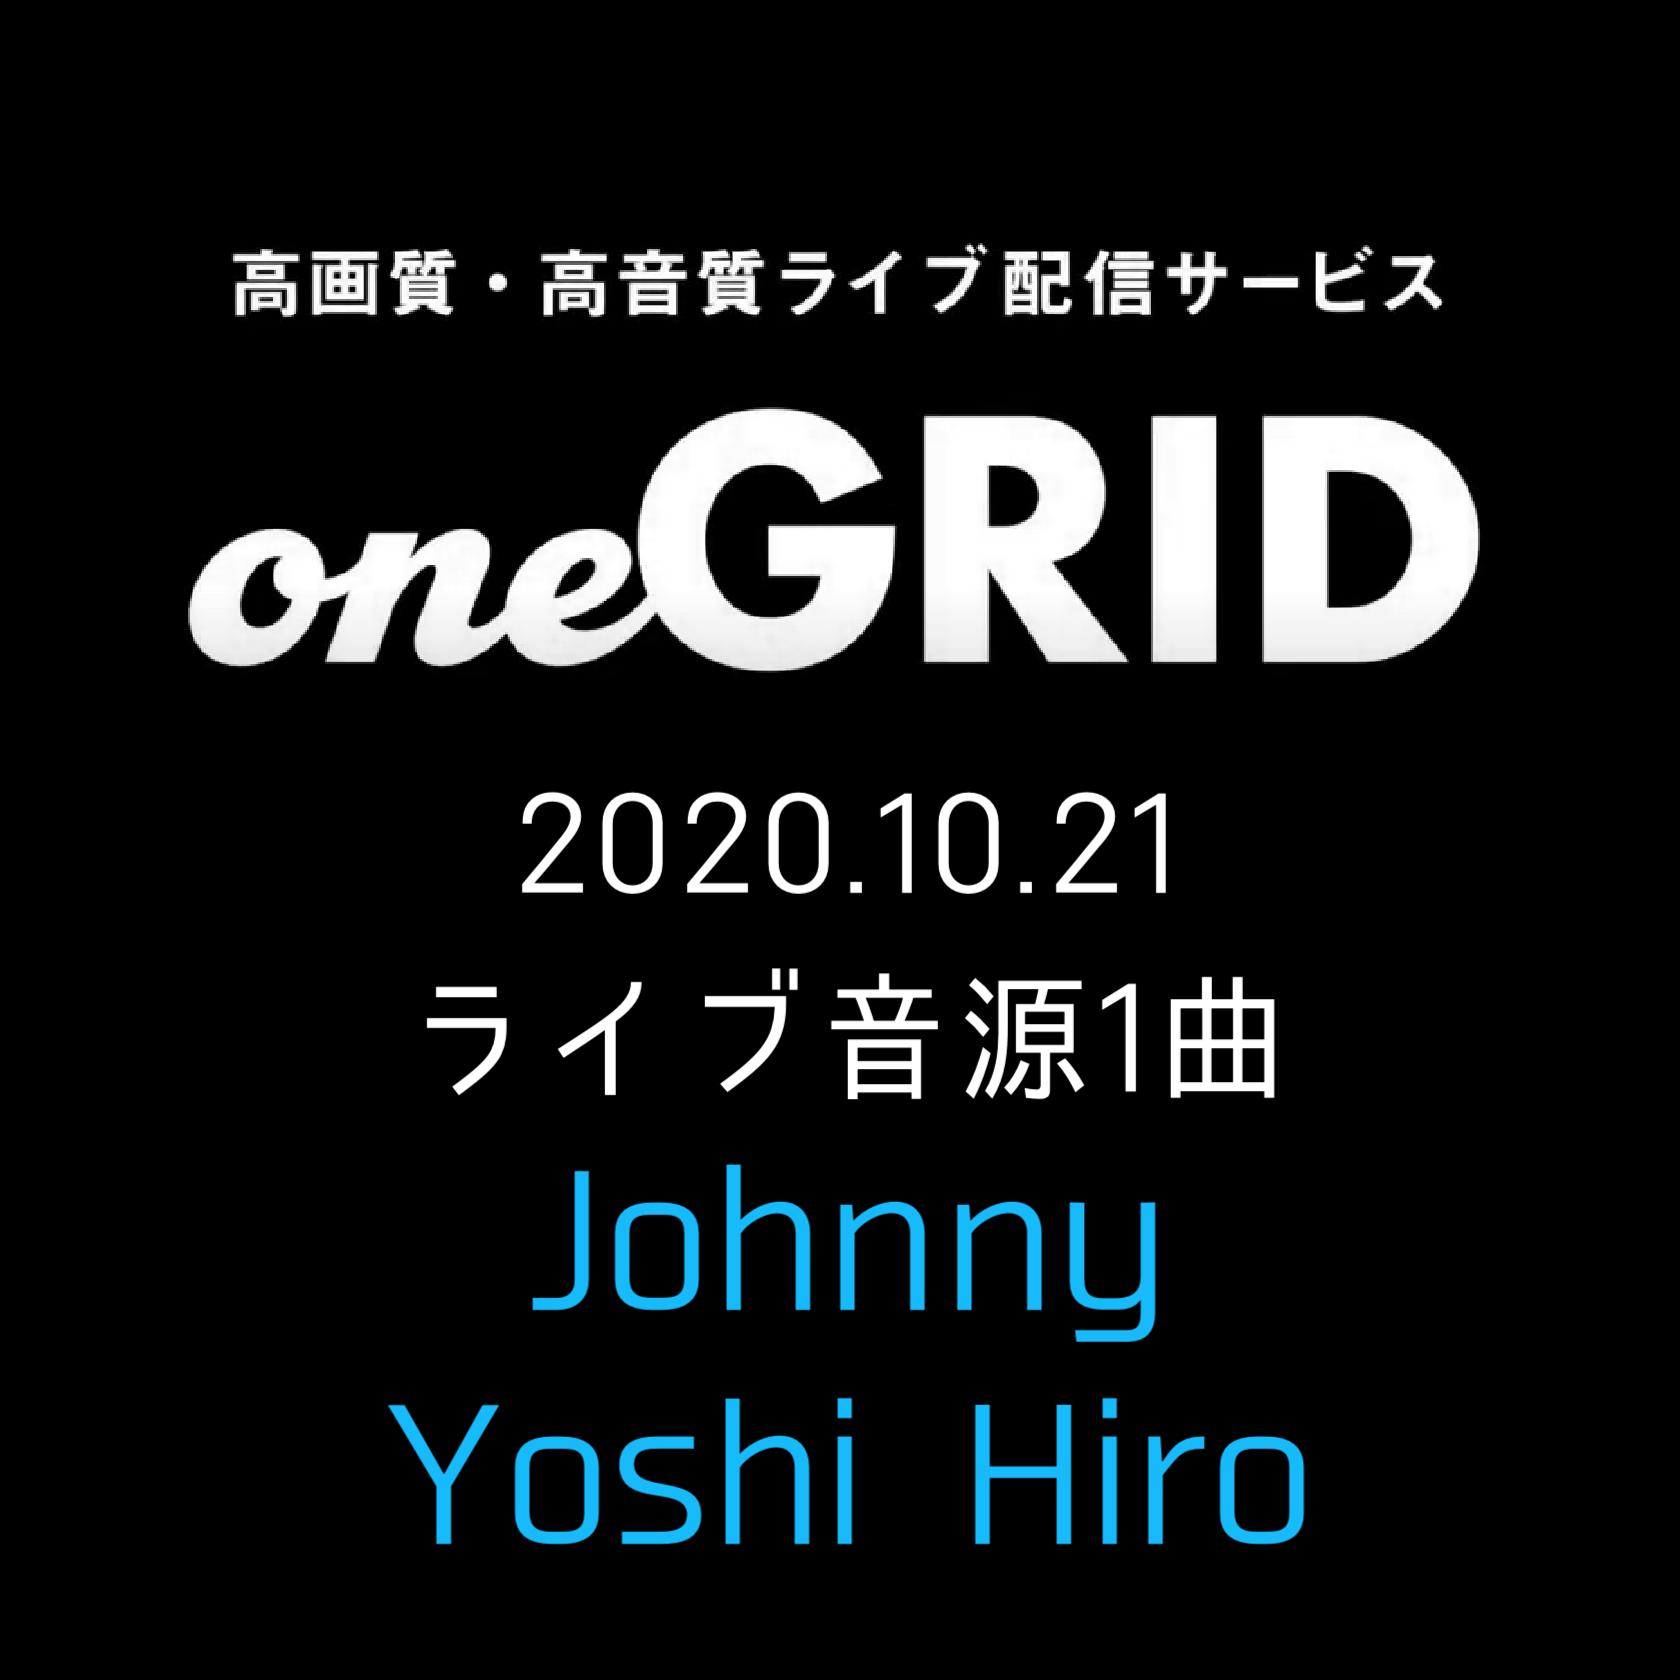 10/21 Johnny Yoshi Hiro ライブ音源